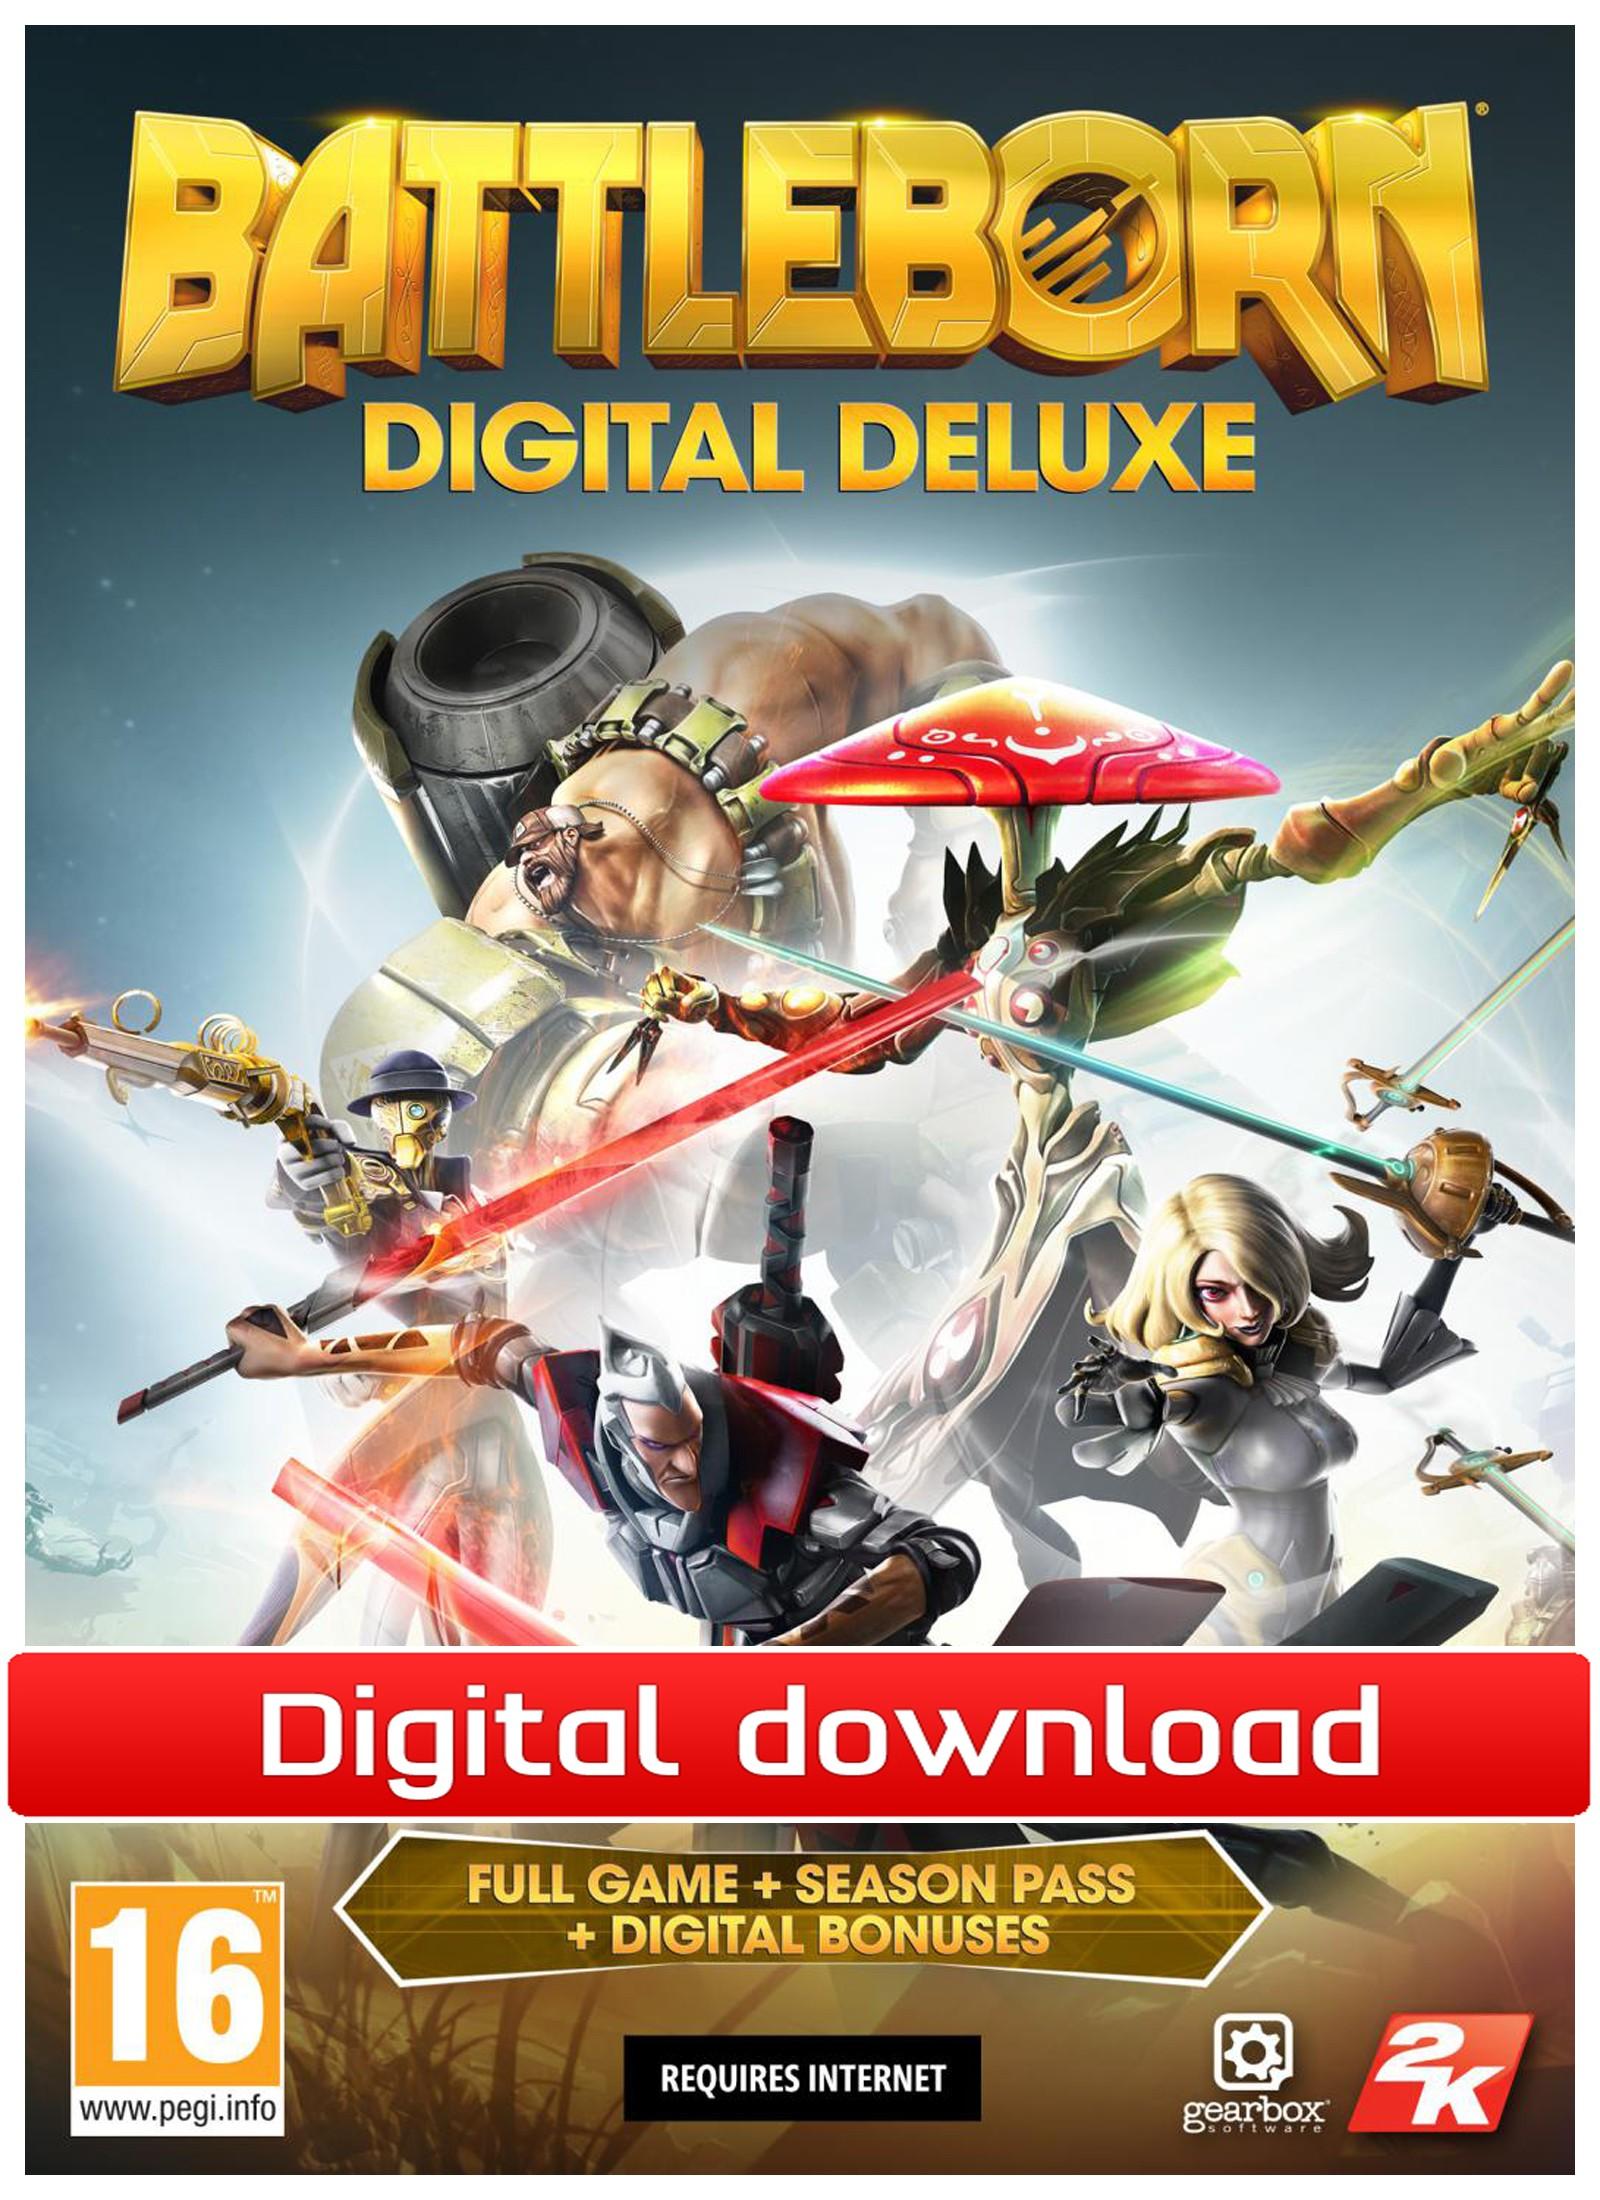 39147 : Battleborn Digital Deluxe (PC nedlastning)